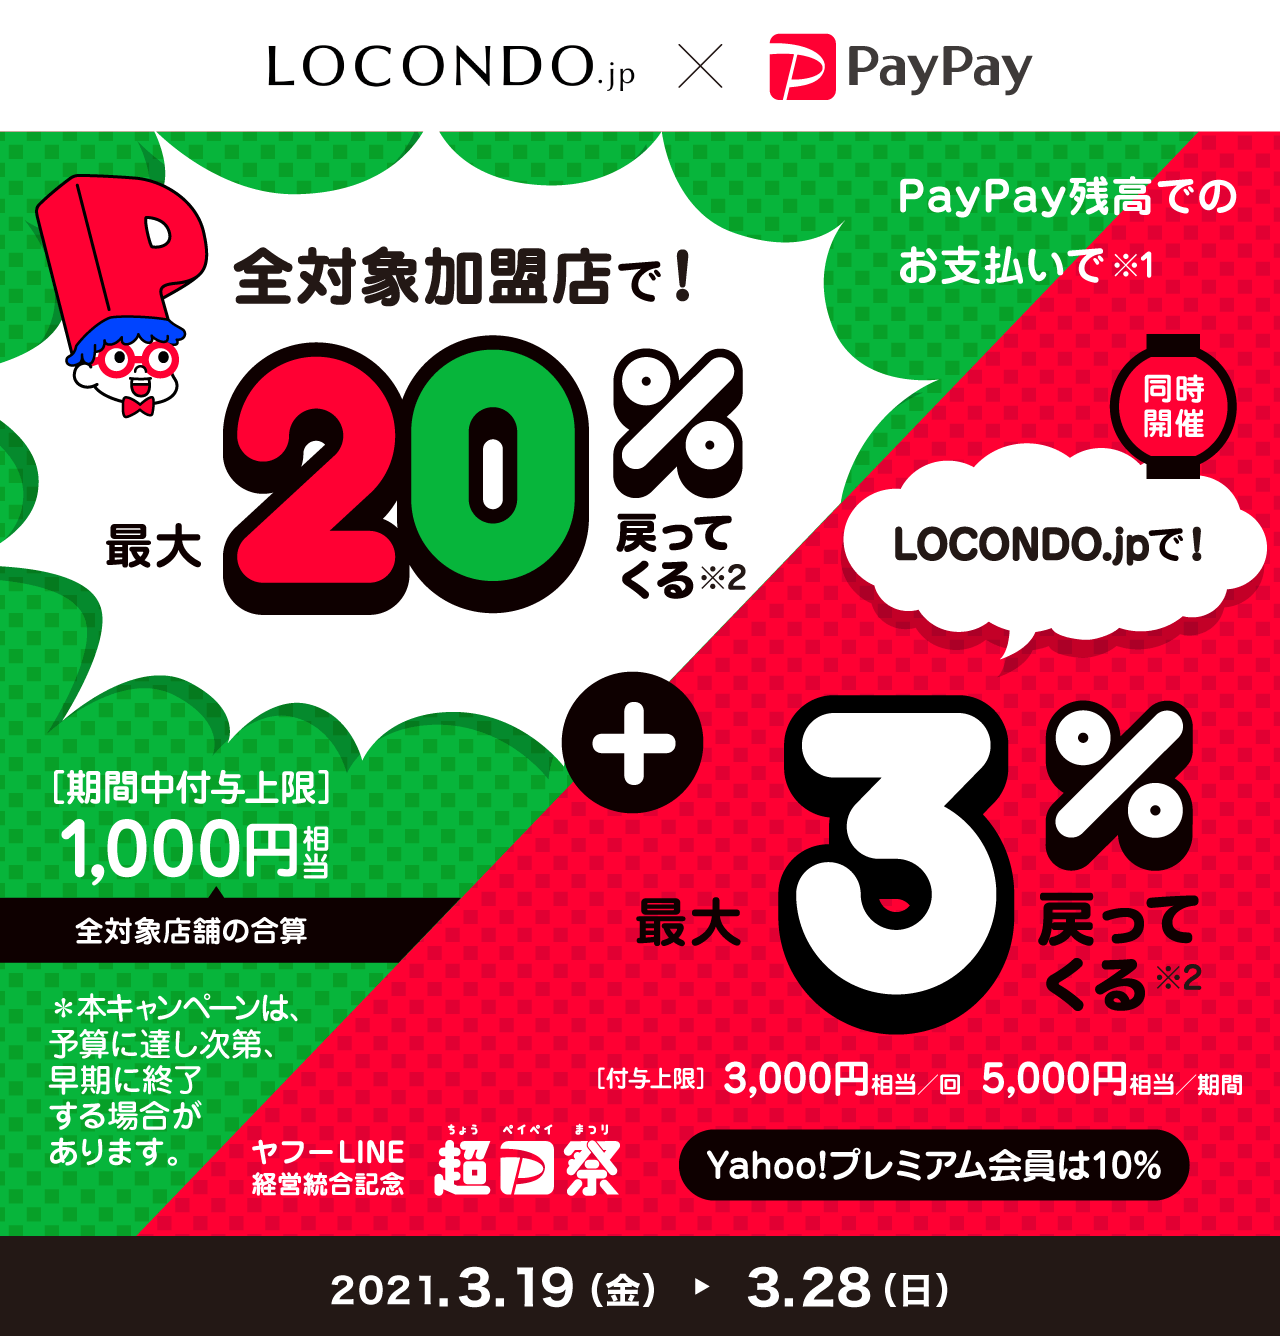 全対象加盟店で!最大20%戻ってくる + LOCONDO.jpで!最大3%戻ってくる